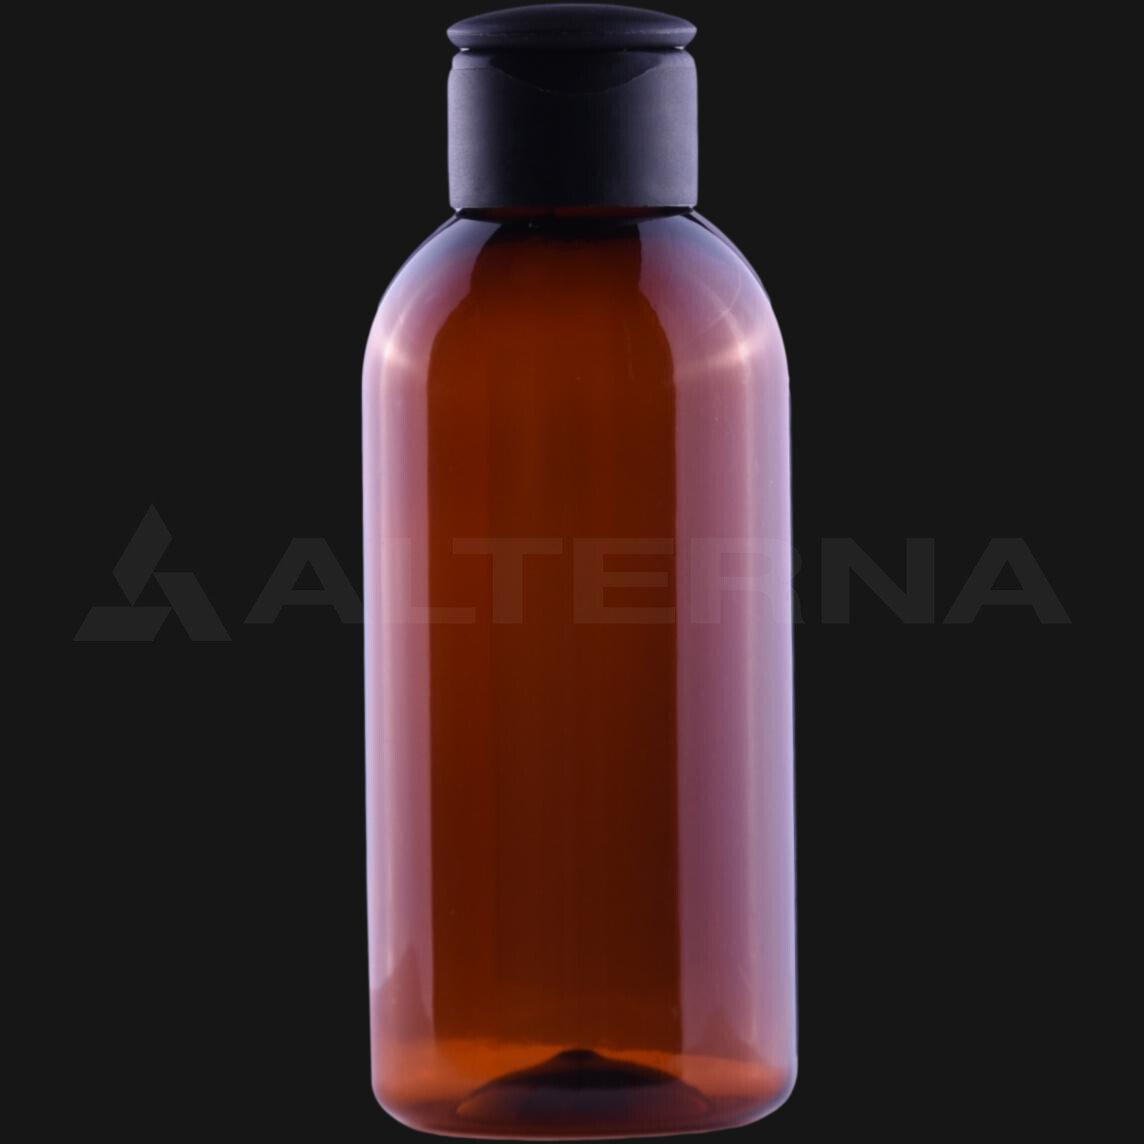 150 ml PET Bottle with 24 mm Flip Top Cap